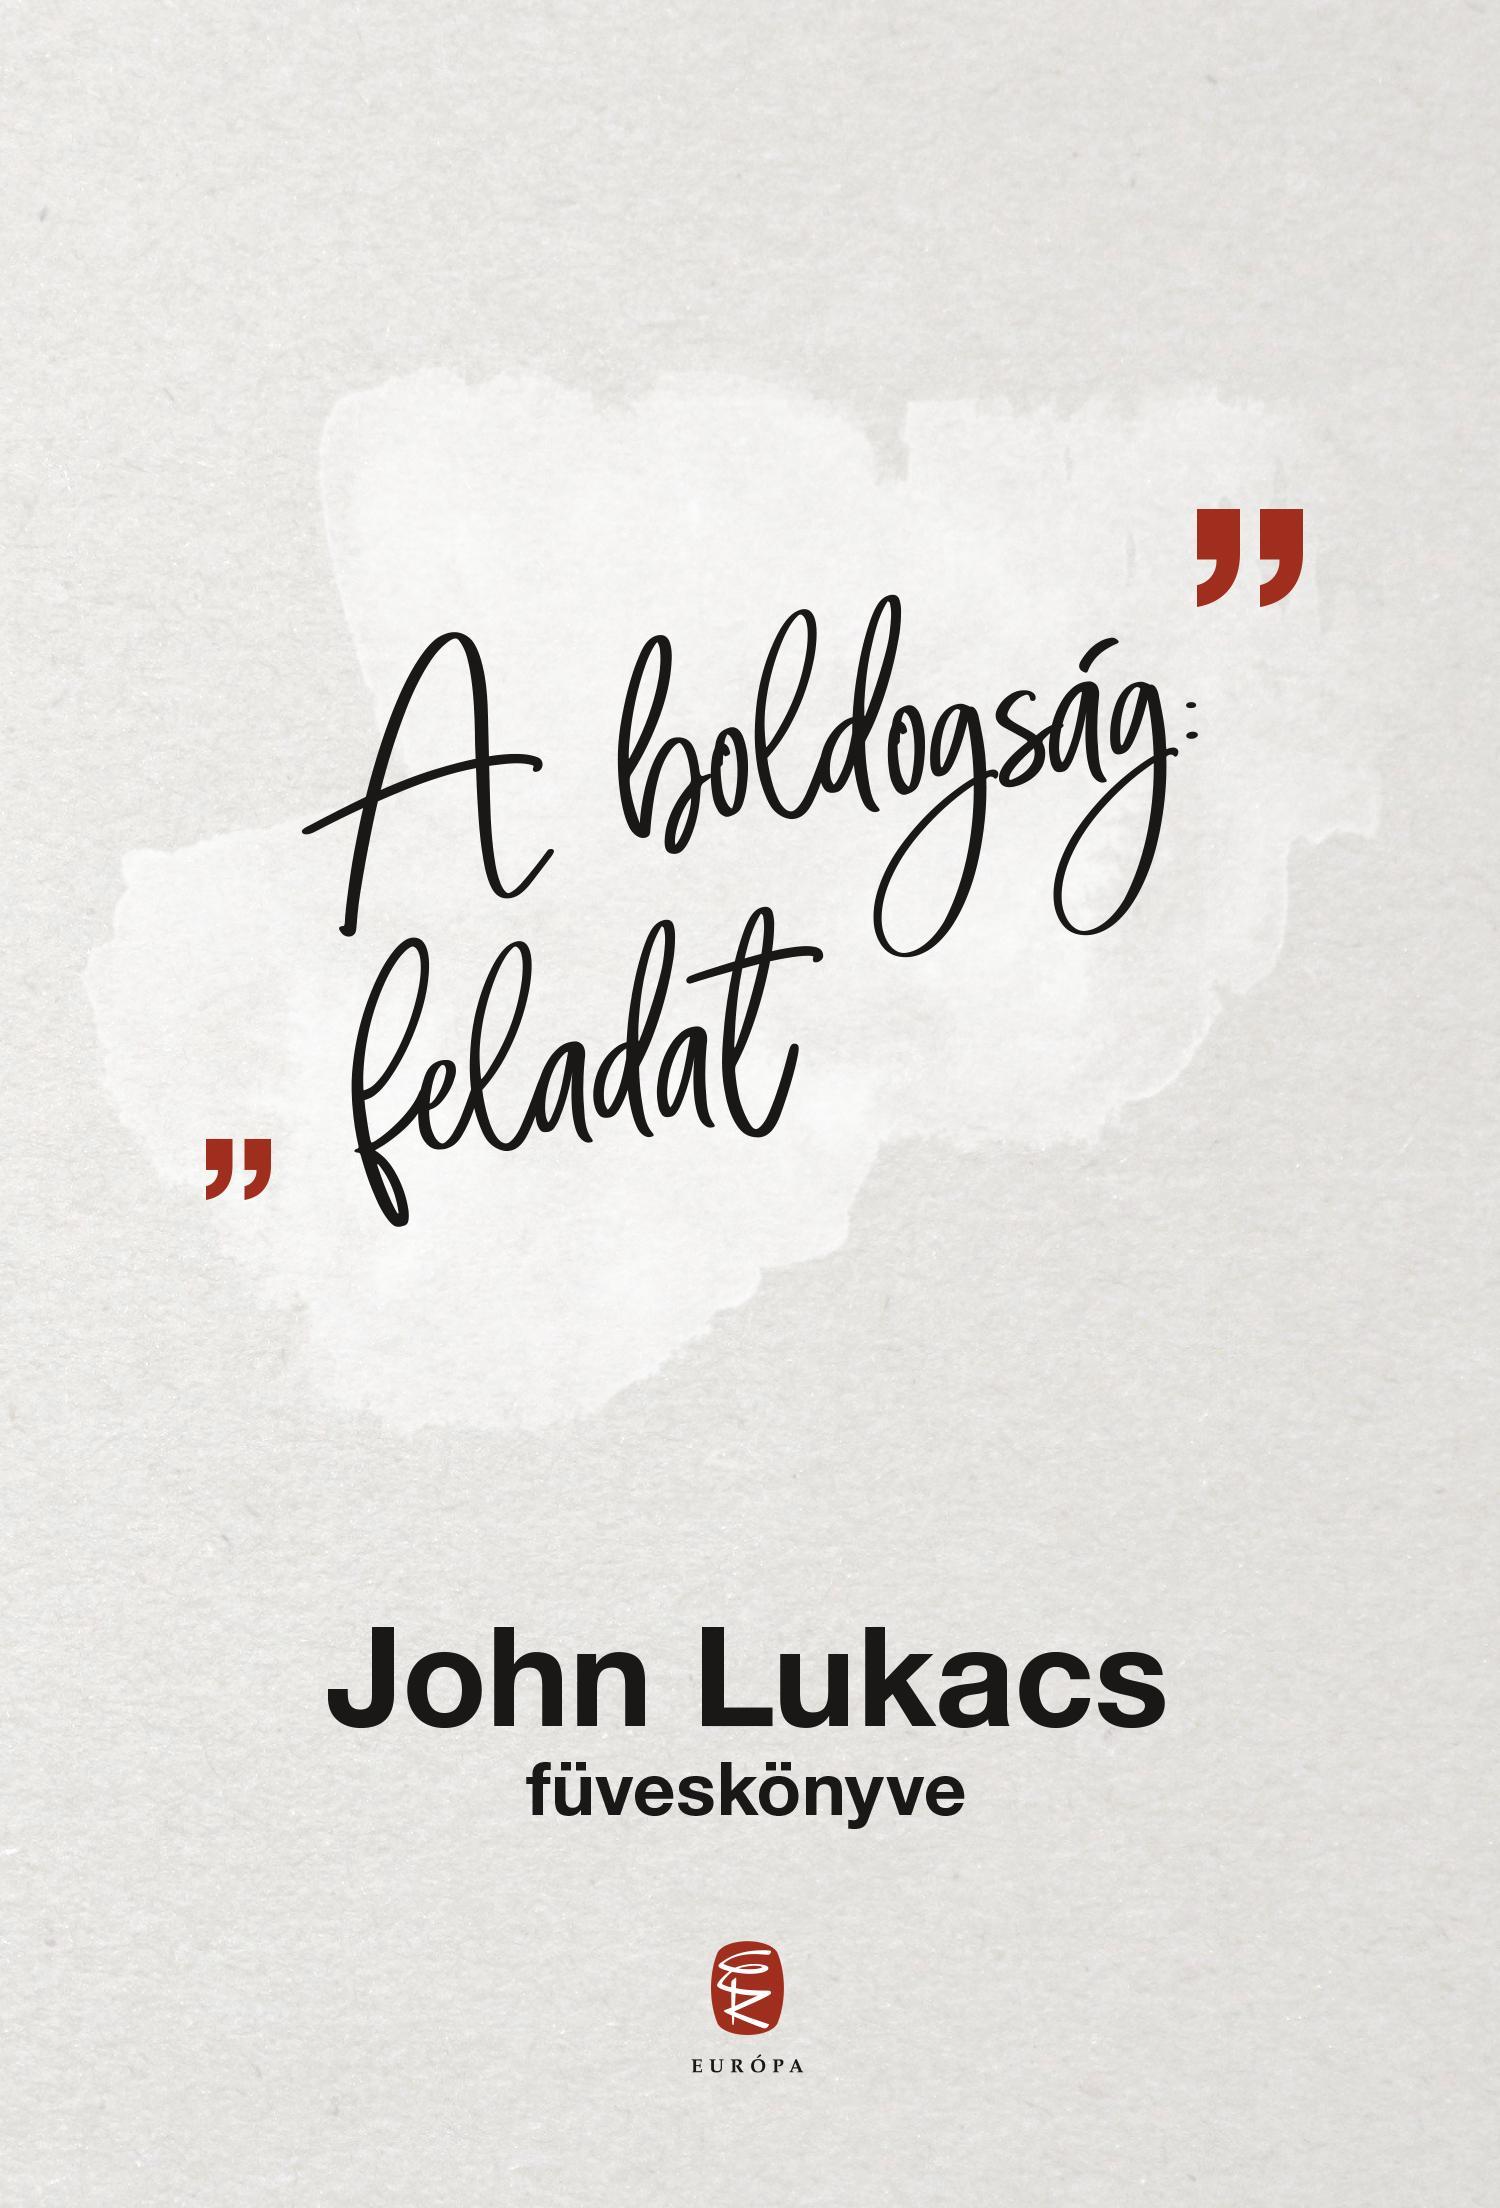 A BOLDOGSÁG: FELADAT - JOHN LUKACS FÜVESKÖNYVE